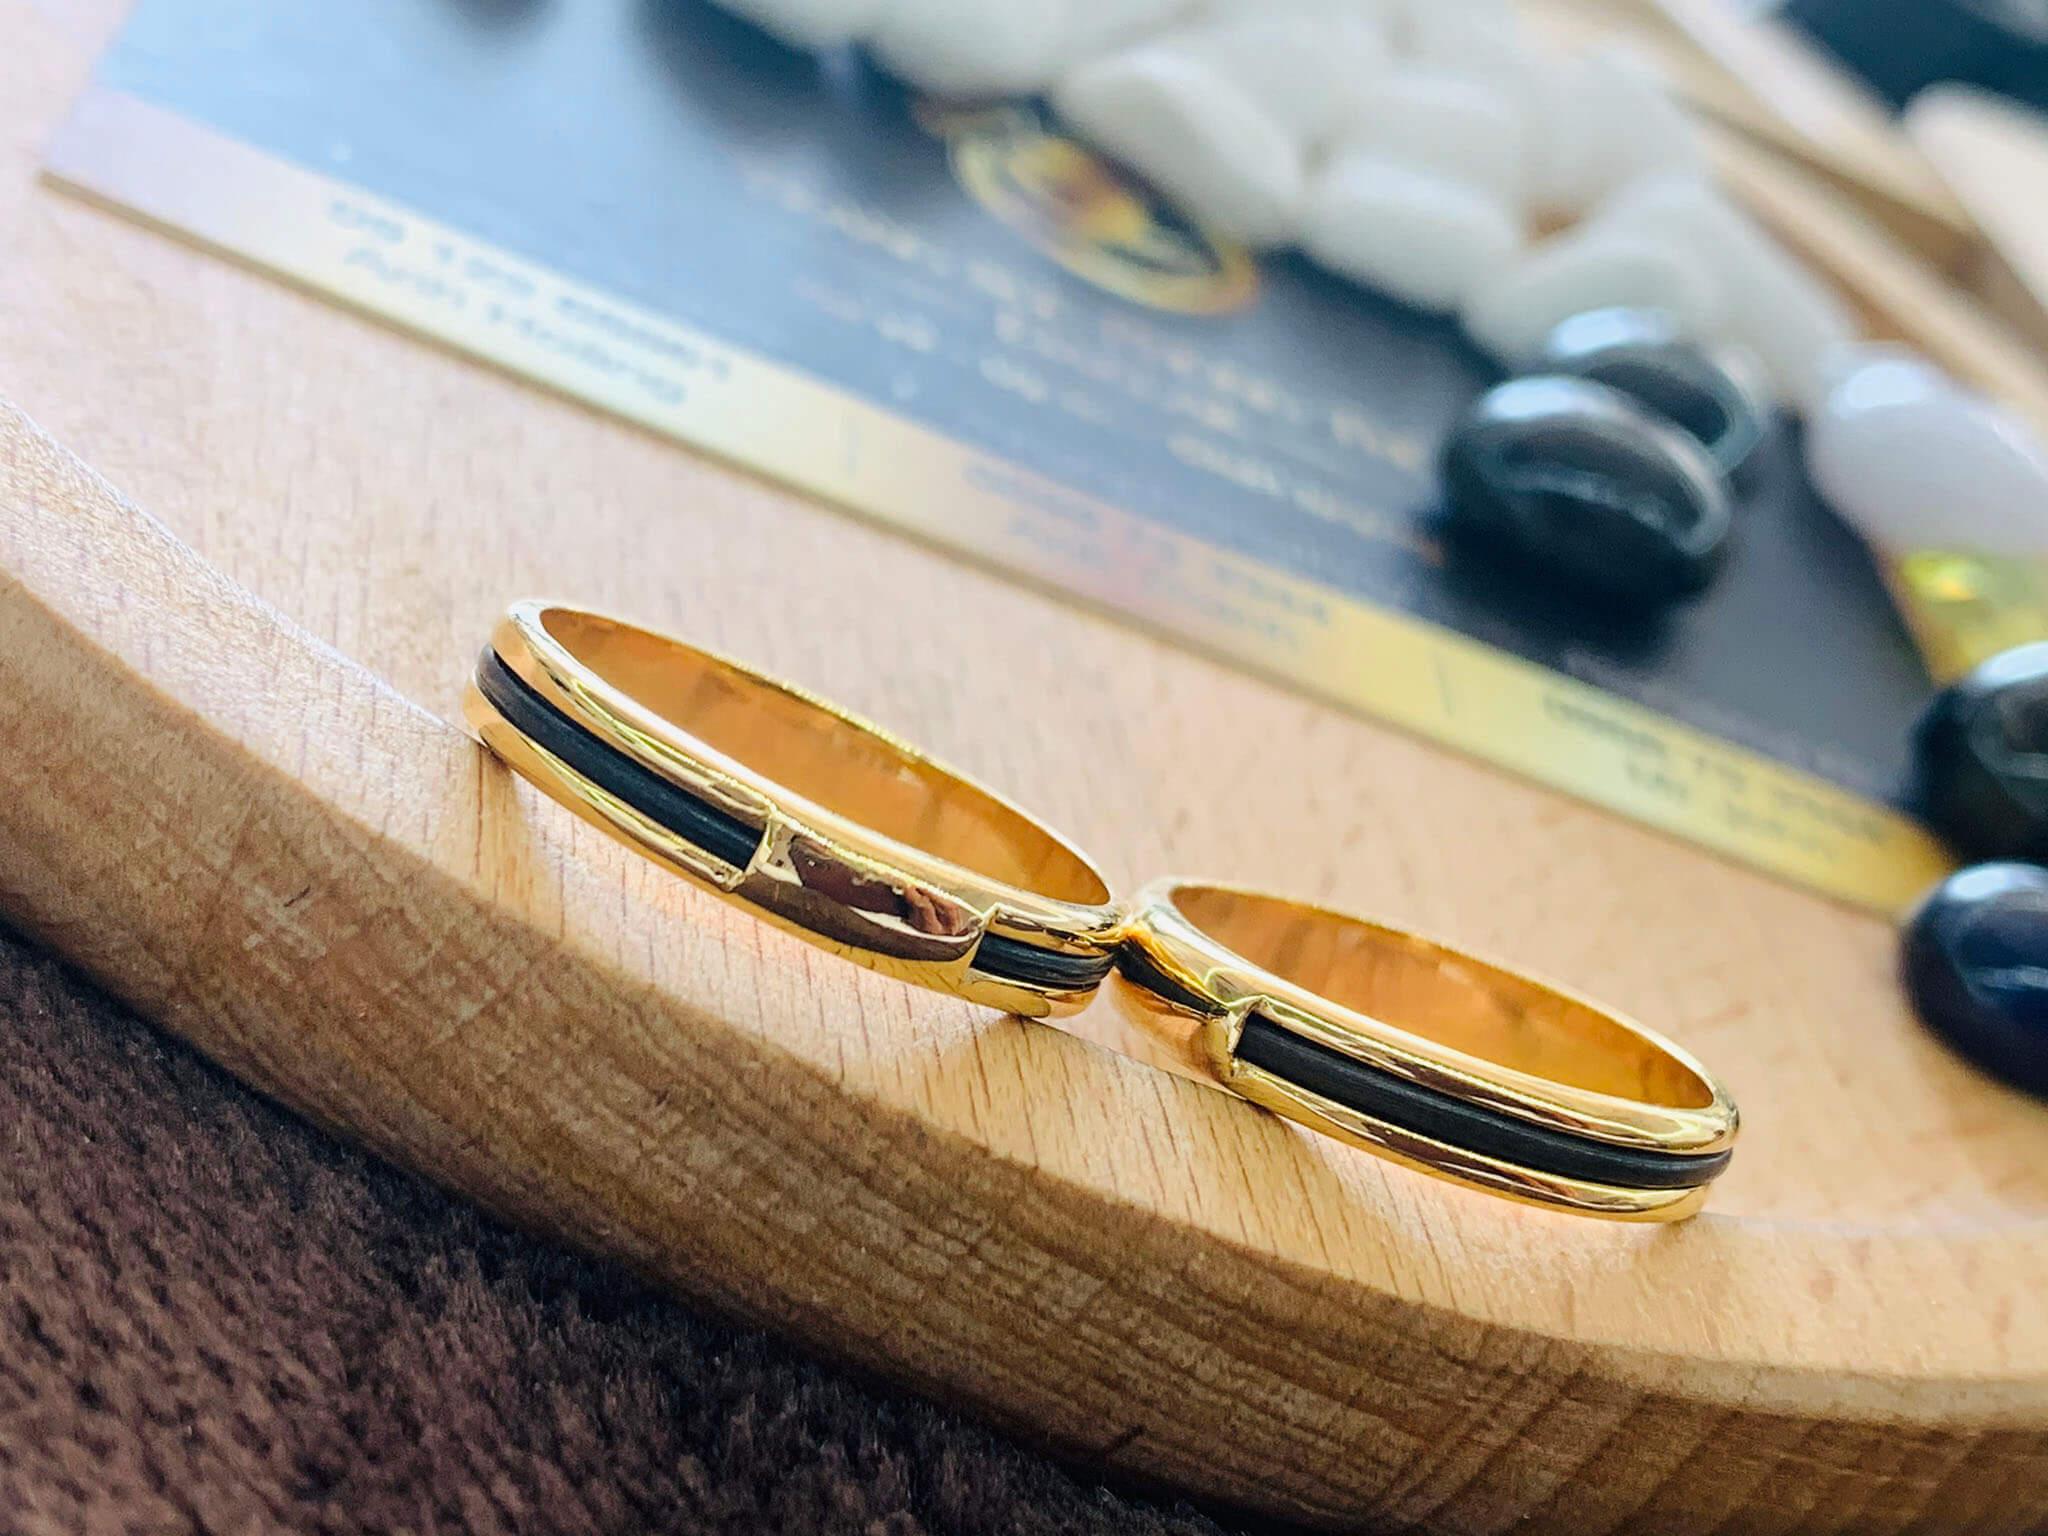 cặp nhẫn lông voi ngoài 1 sợi làm tay vàng 18K gia công tỉ mỉ